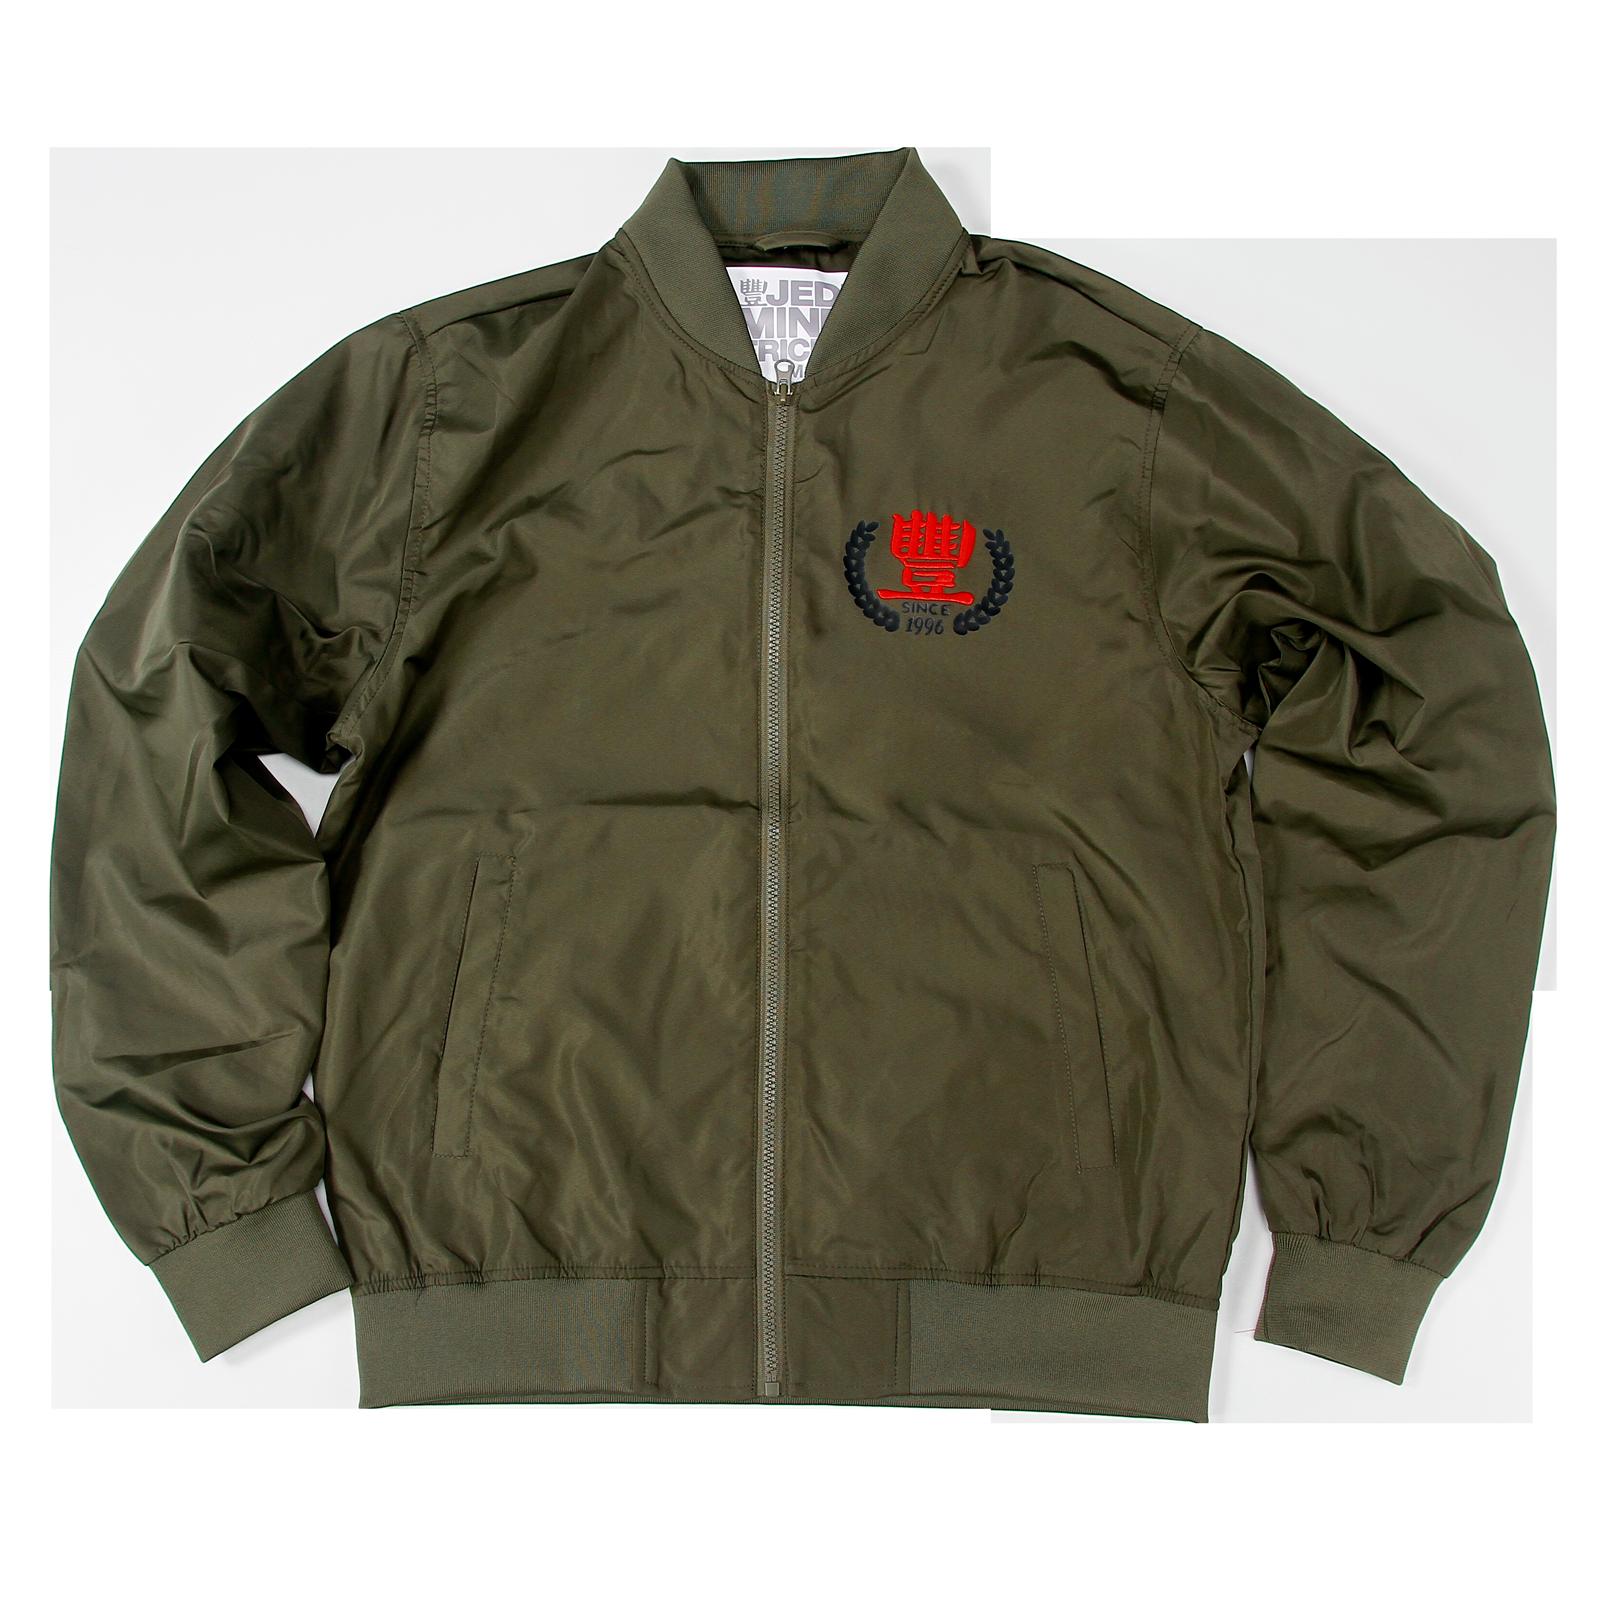 JMT Vintage 96 Lightweight Army Bomber Jacket